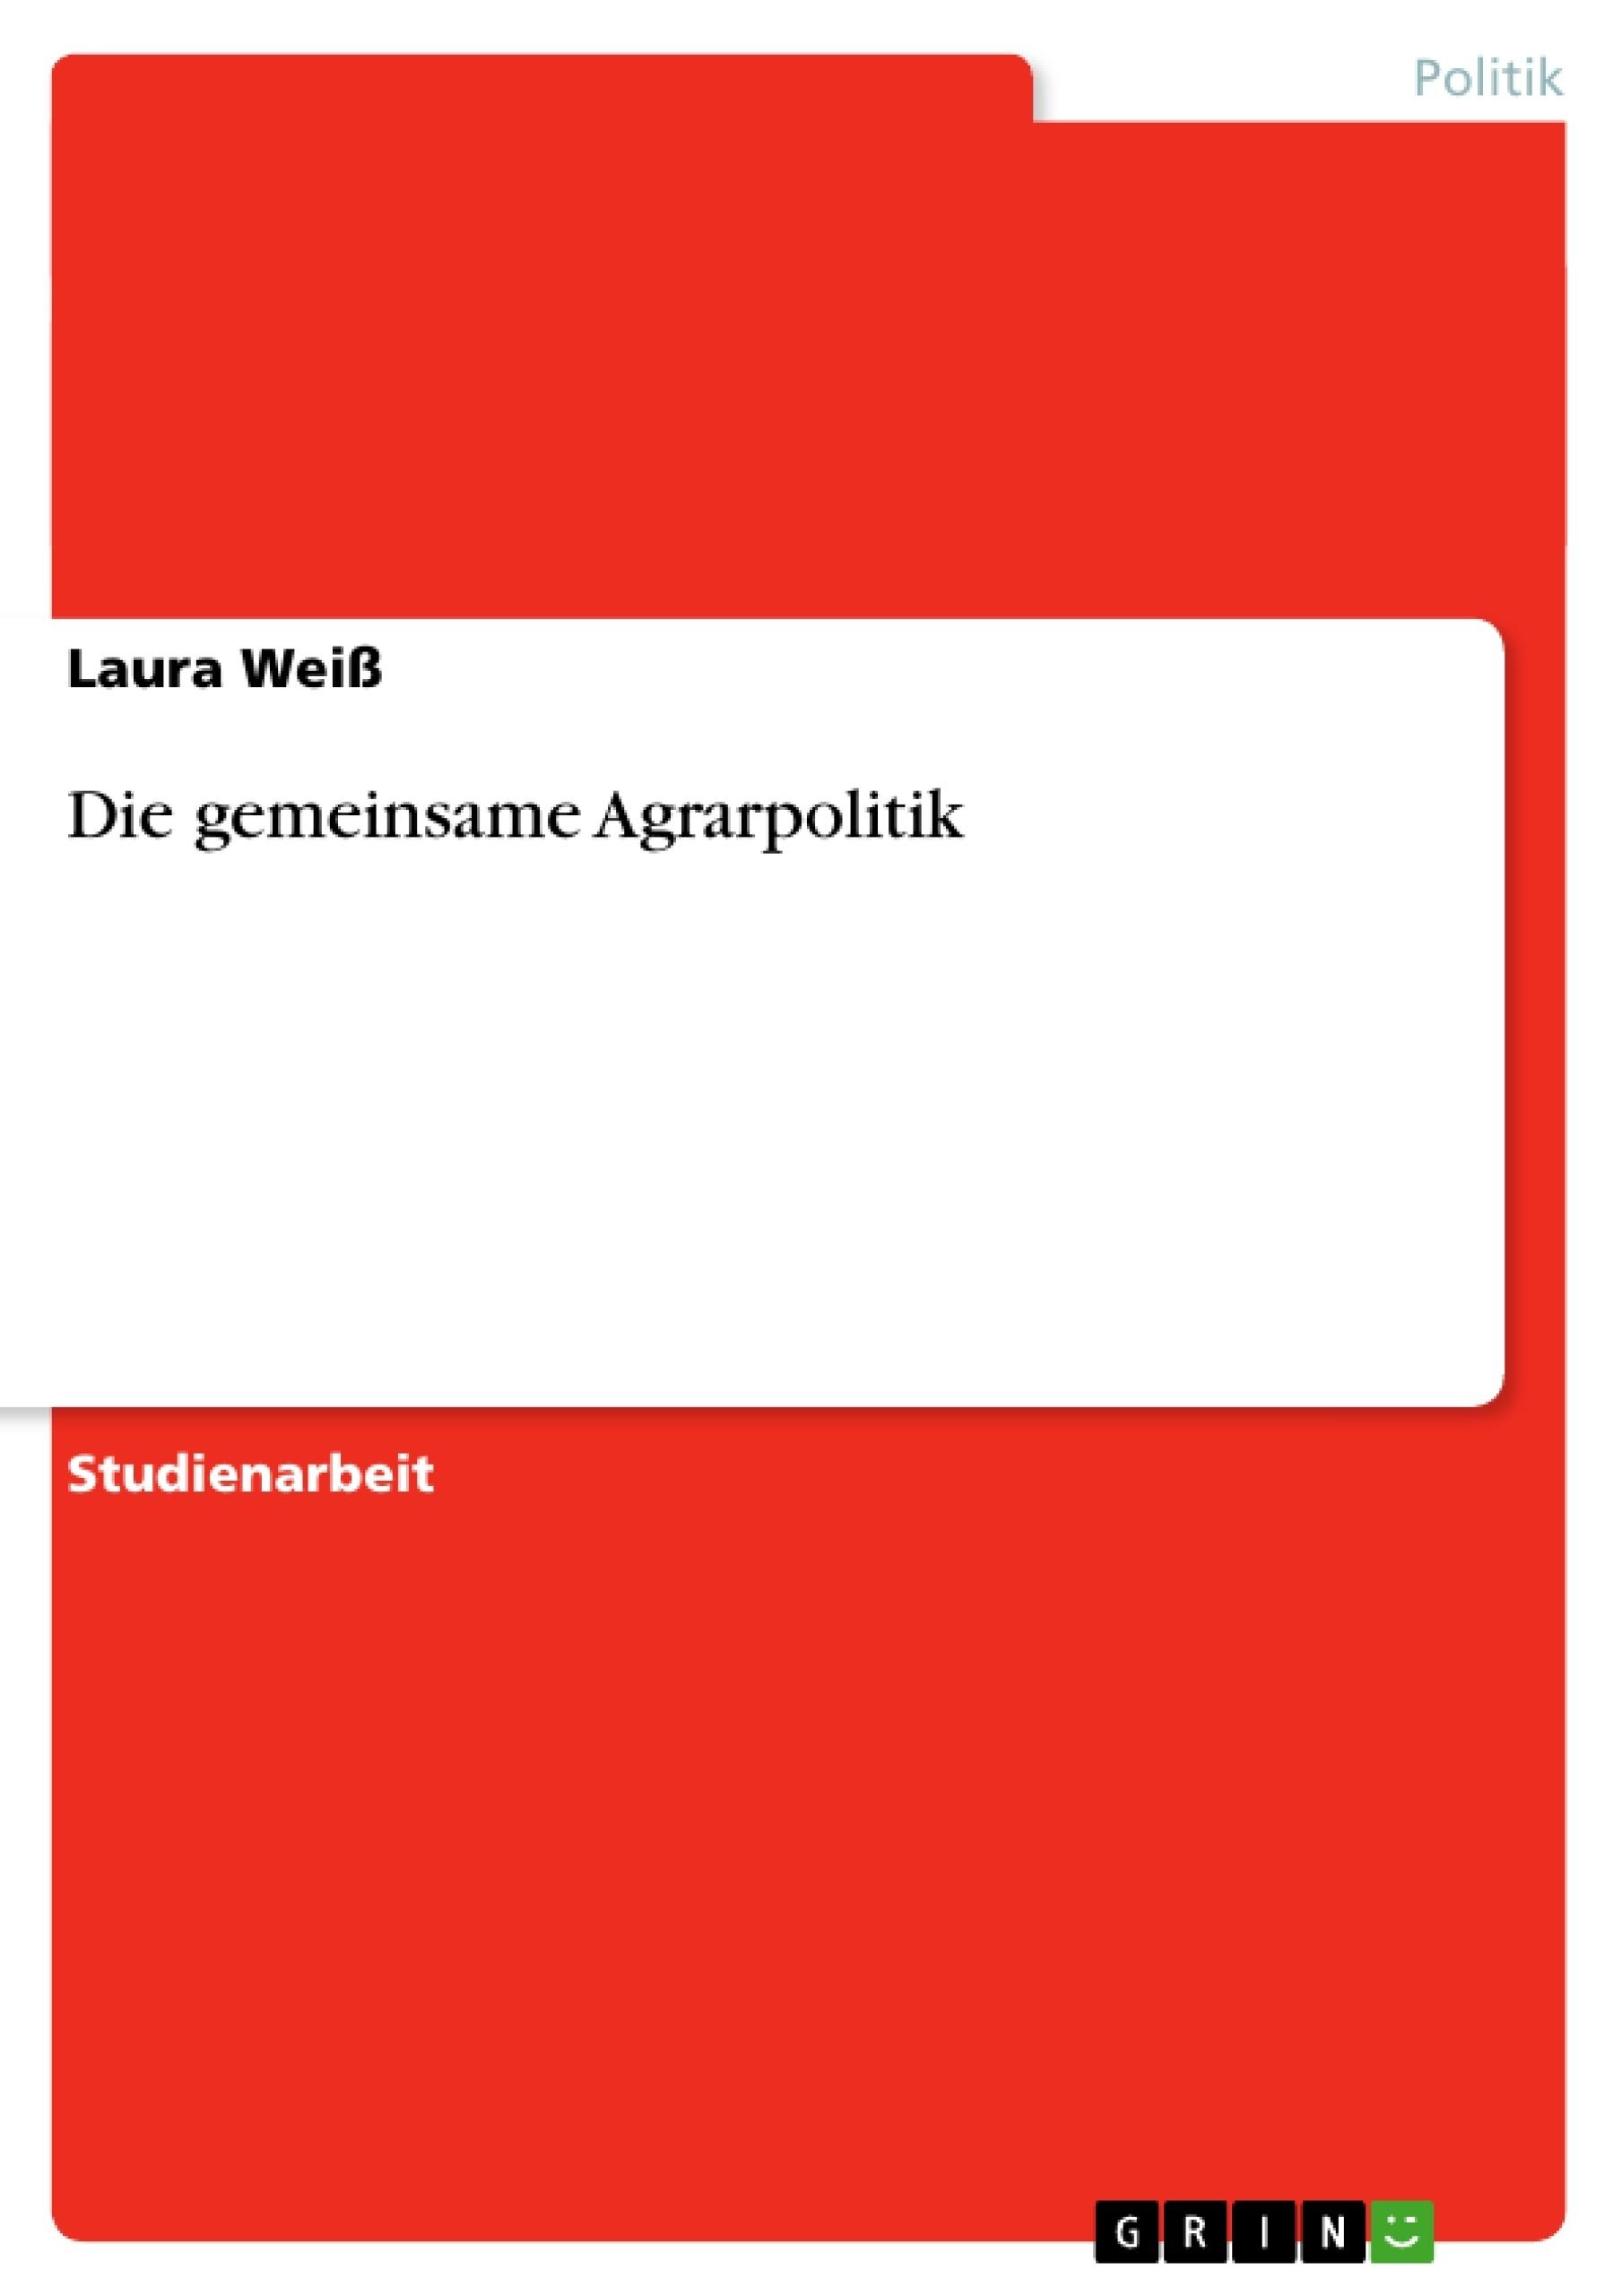 Titel: Die gemeinsame Agrarpolitik